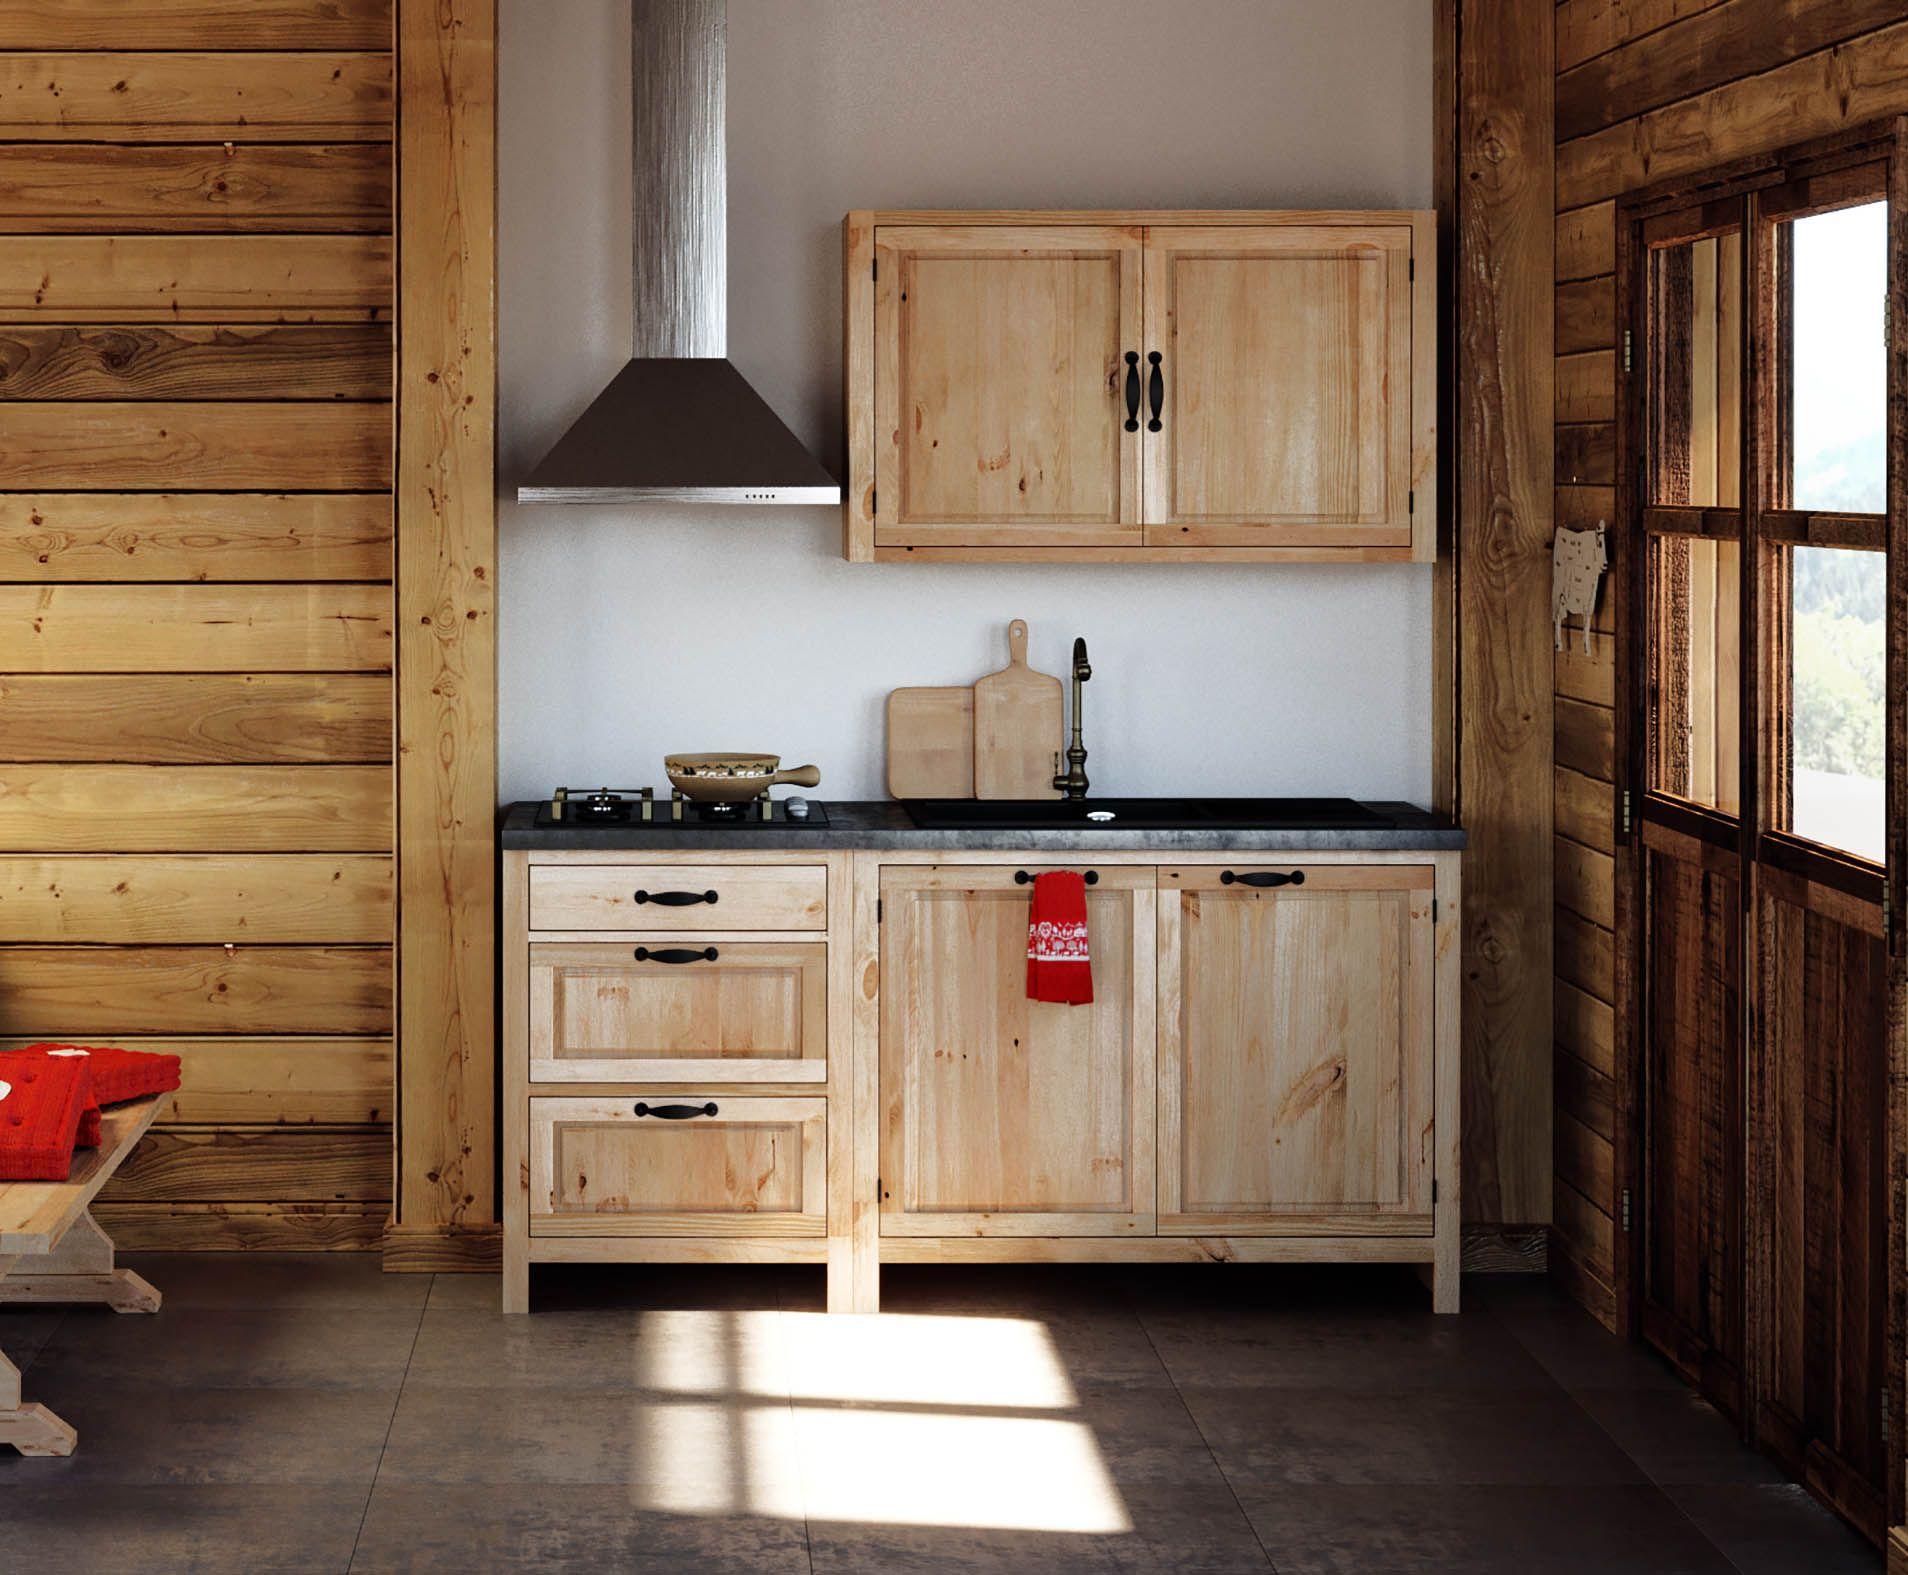 Retrouvez Les Meubles Haut De Cuisine En Pin Massif De Notre Collection Chamonix Wall Mounted Corner Shelves Interior Decorating Corner Shelves